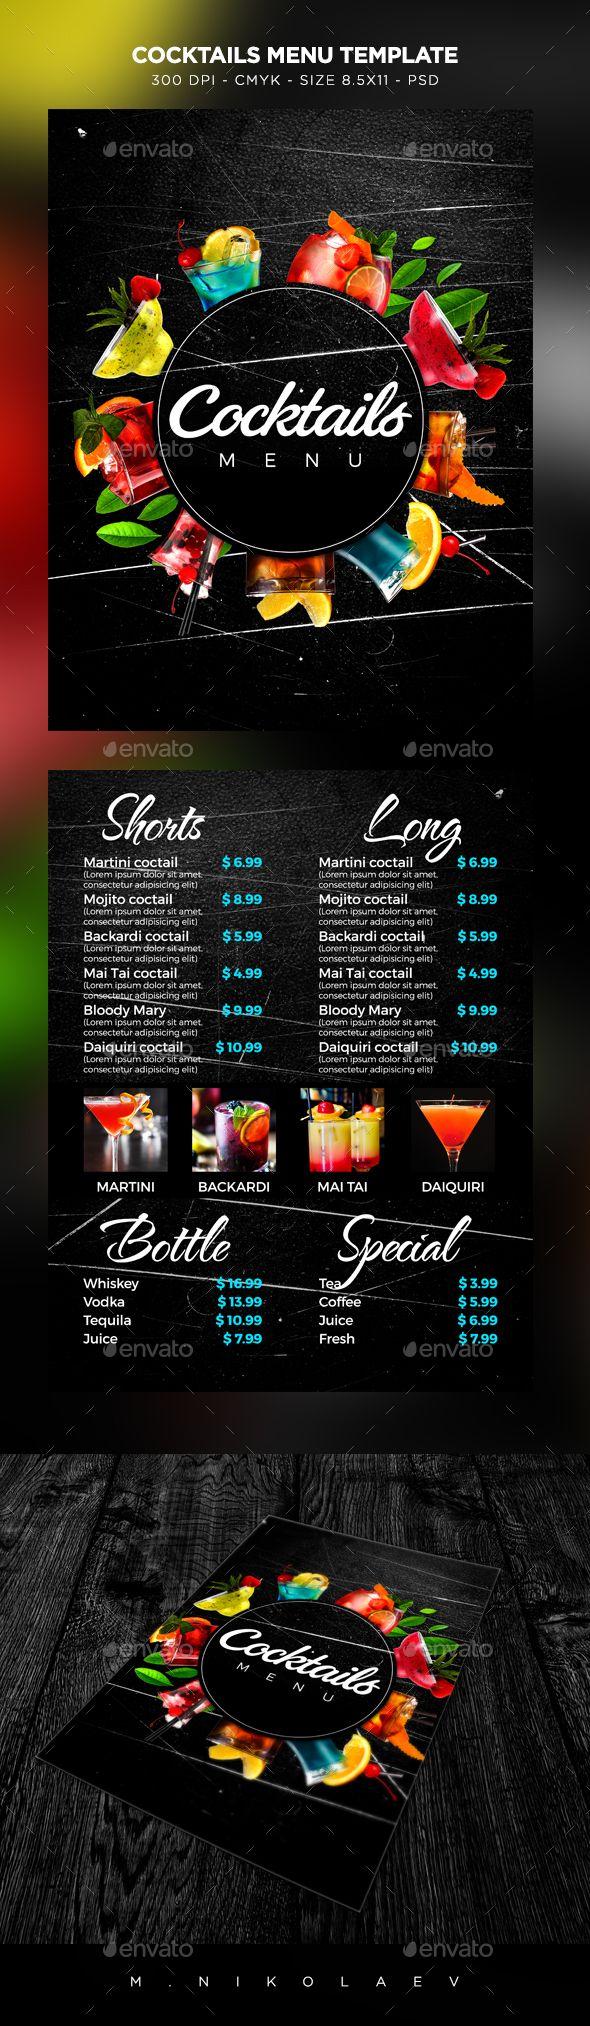 Cocktail Drinks Menu | Bar, Cervecería y Gastronomía